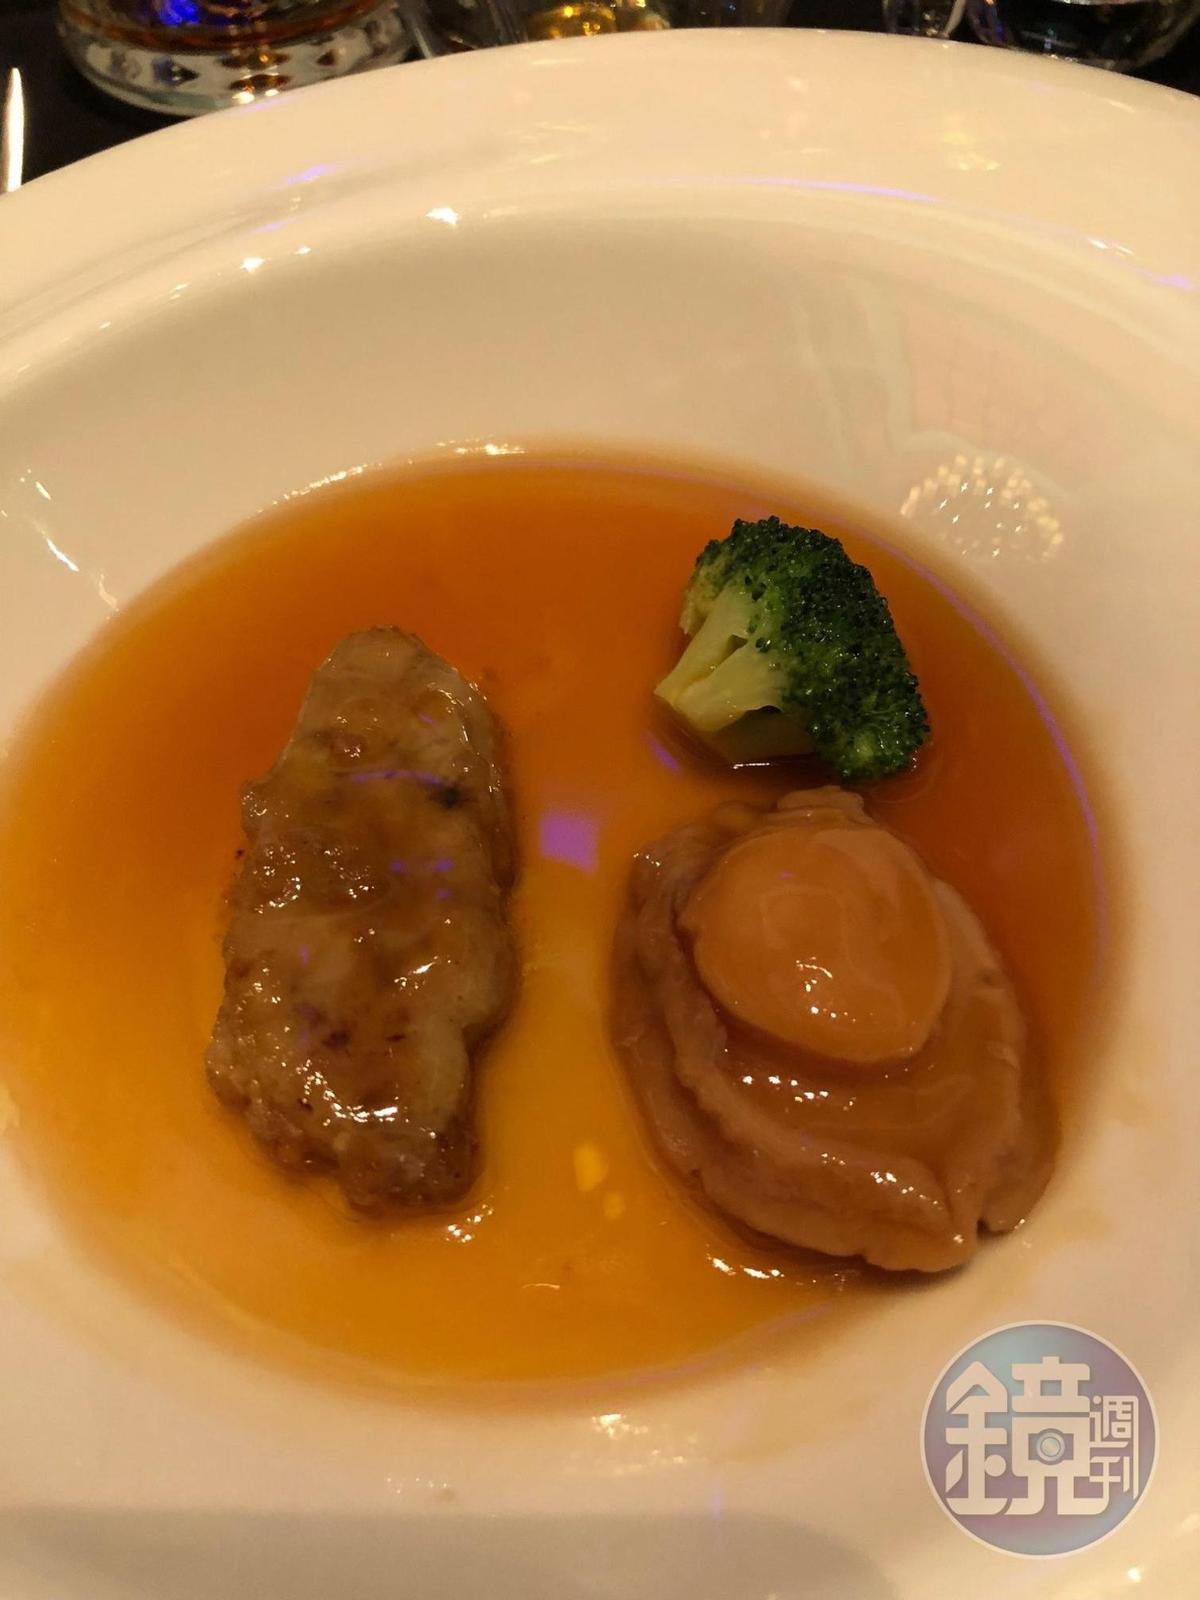 溏心的鮑魚是粵廚的拿手好戲,帶有餘韻的滋味和清爽的百樂廷皇禧干邑搭配正好。